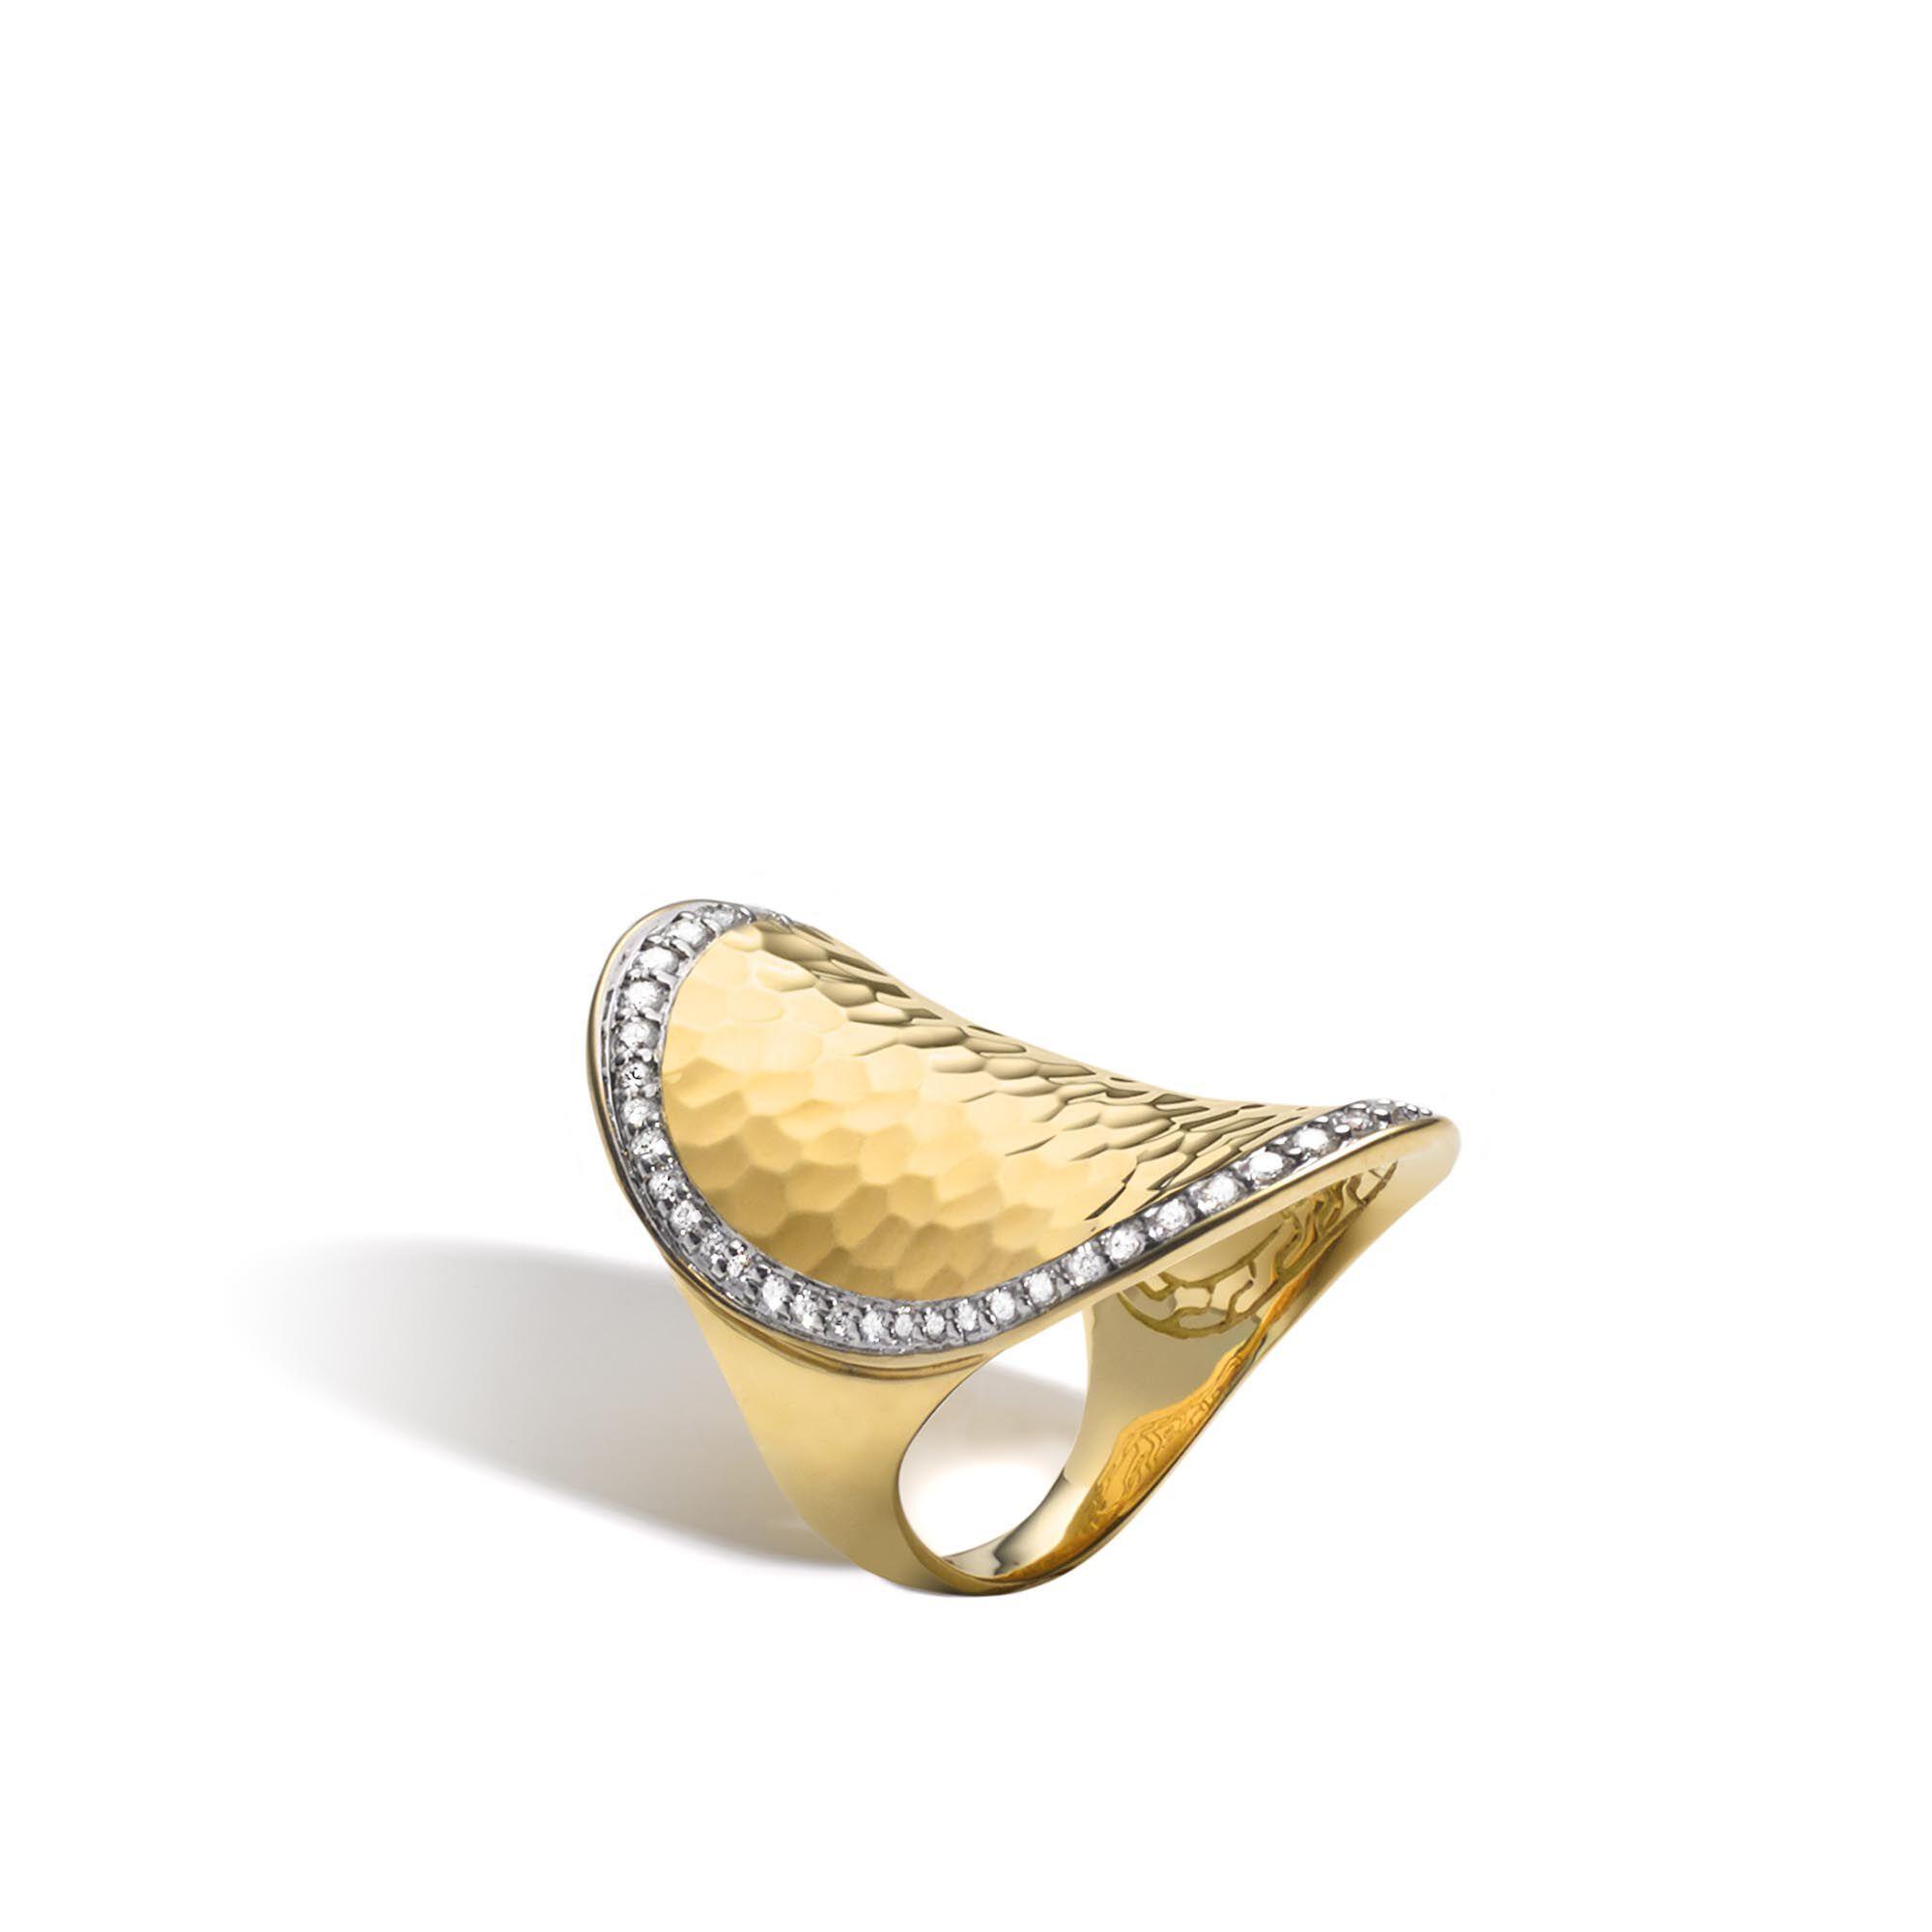 John Hardy Hammered Saddle Ring With Diamonds 9heJlOxC